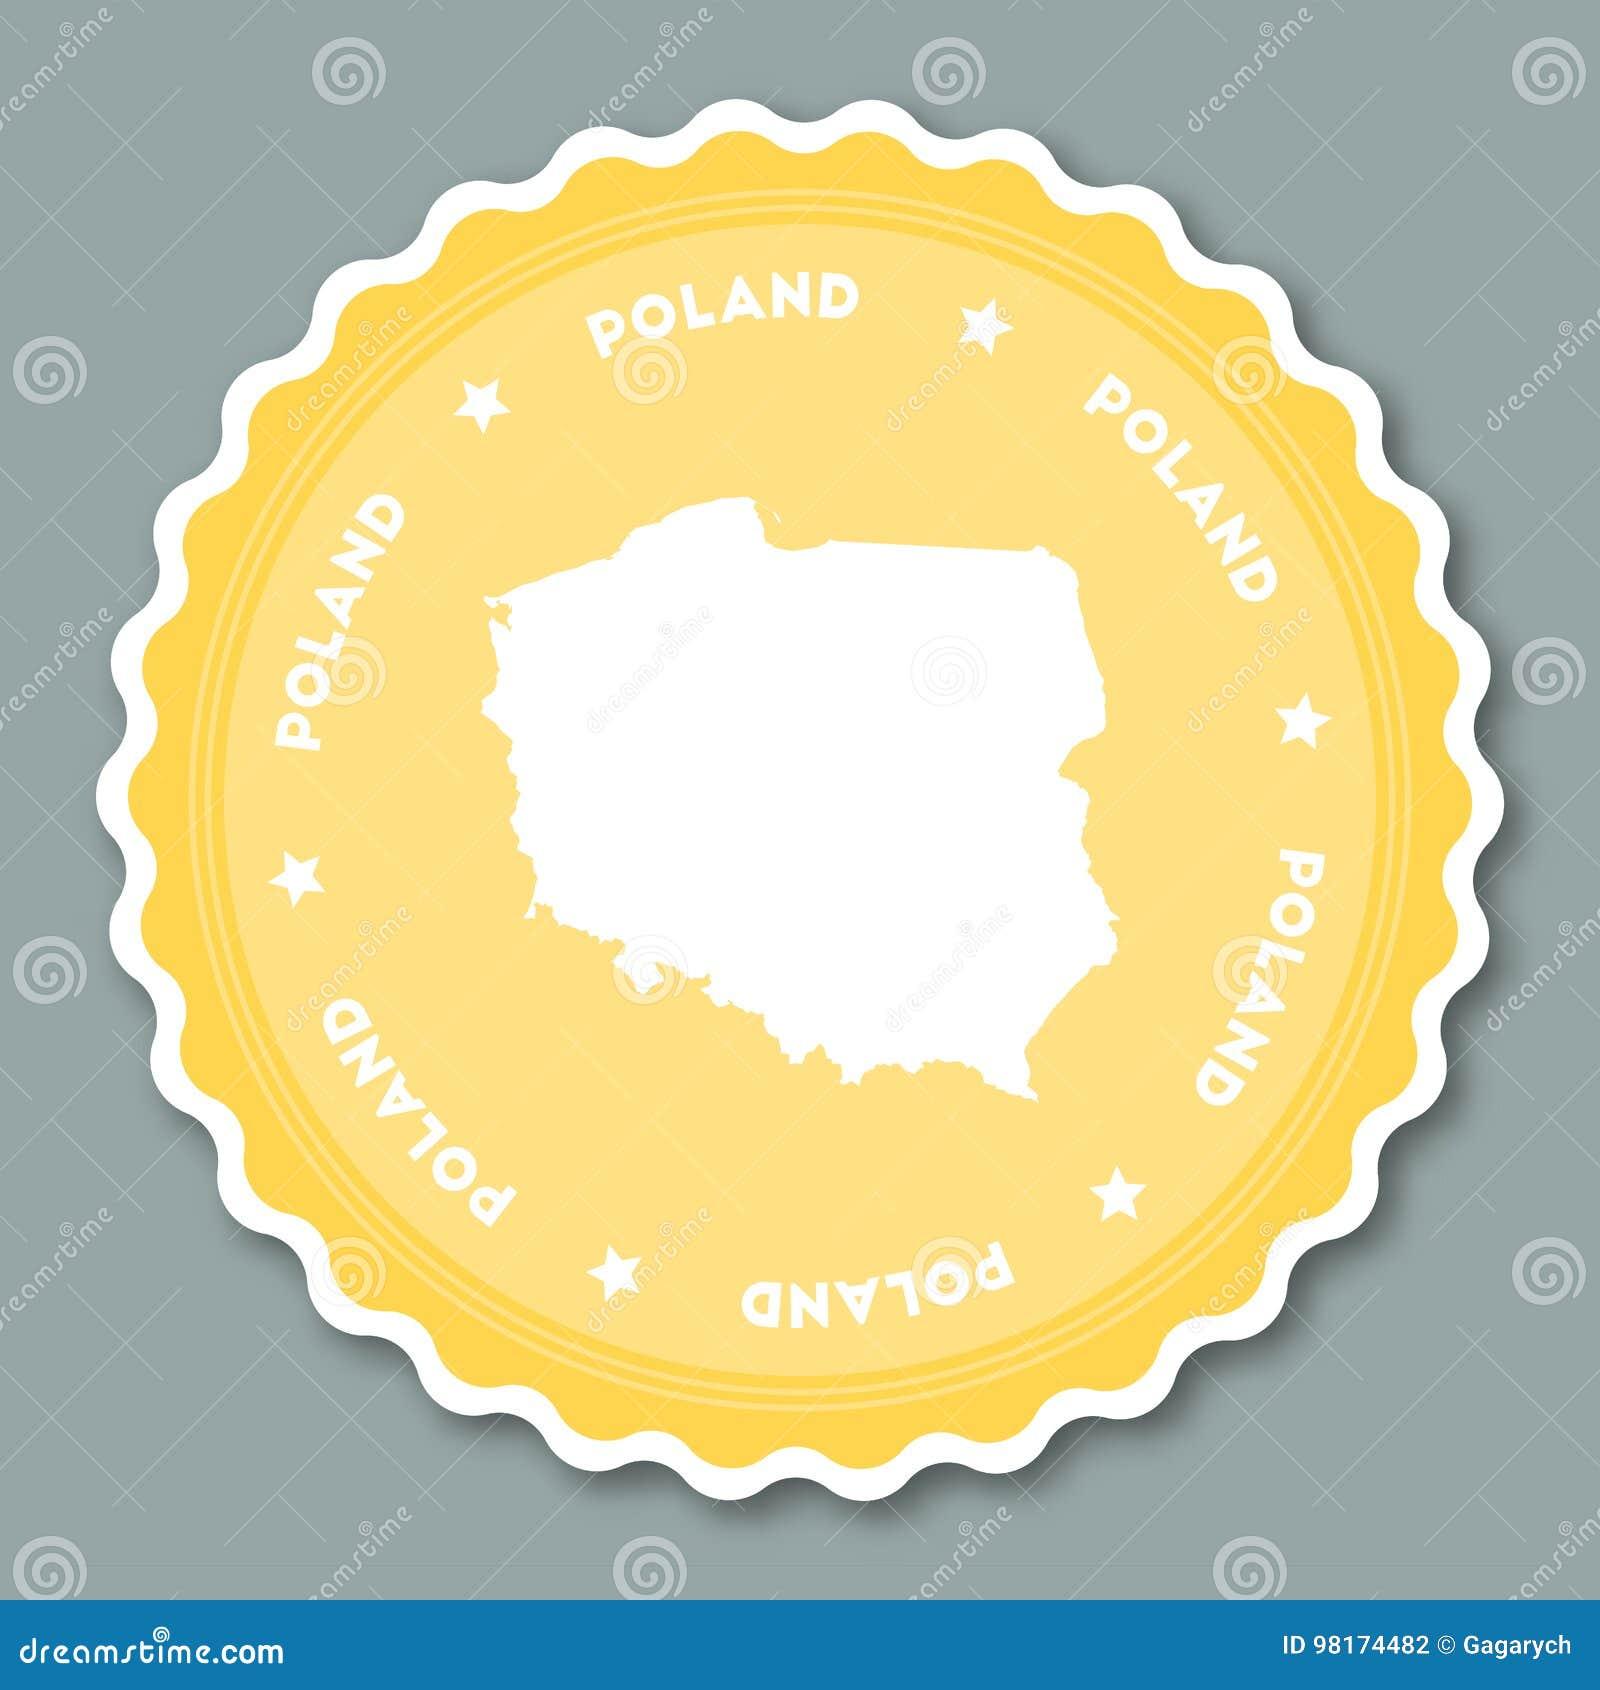 Poland sticker flat design.